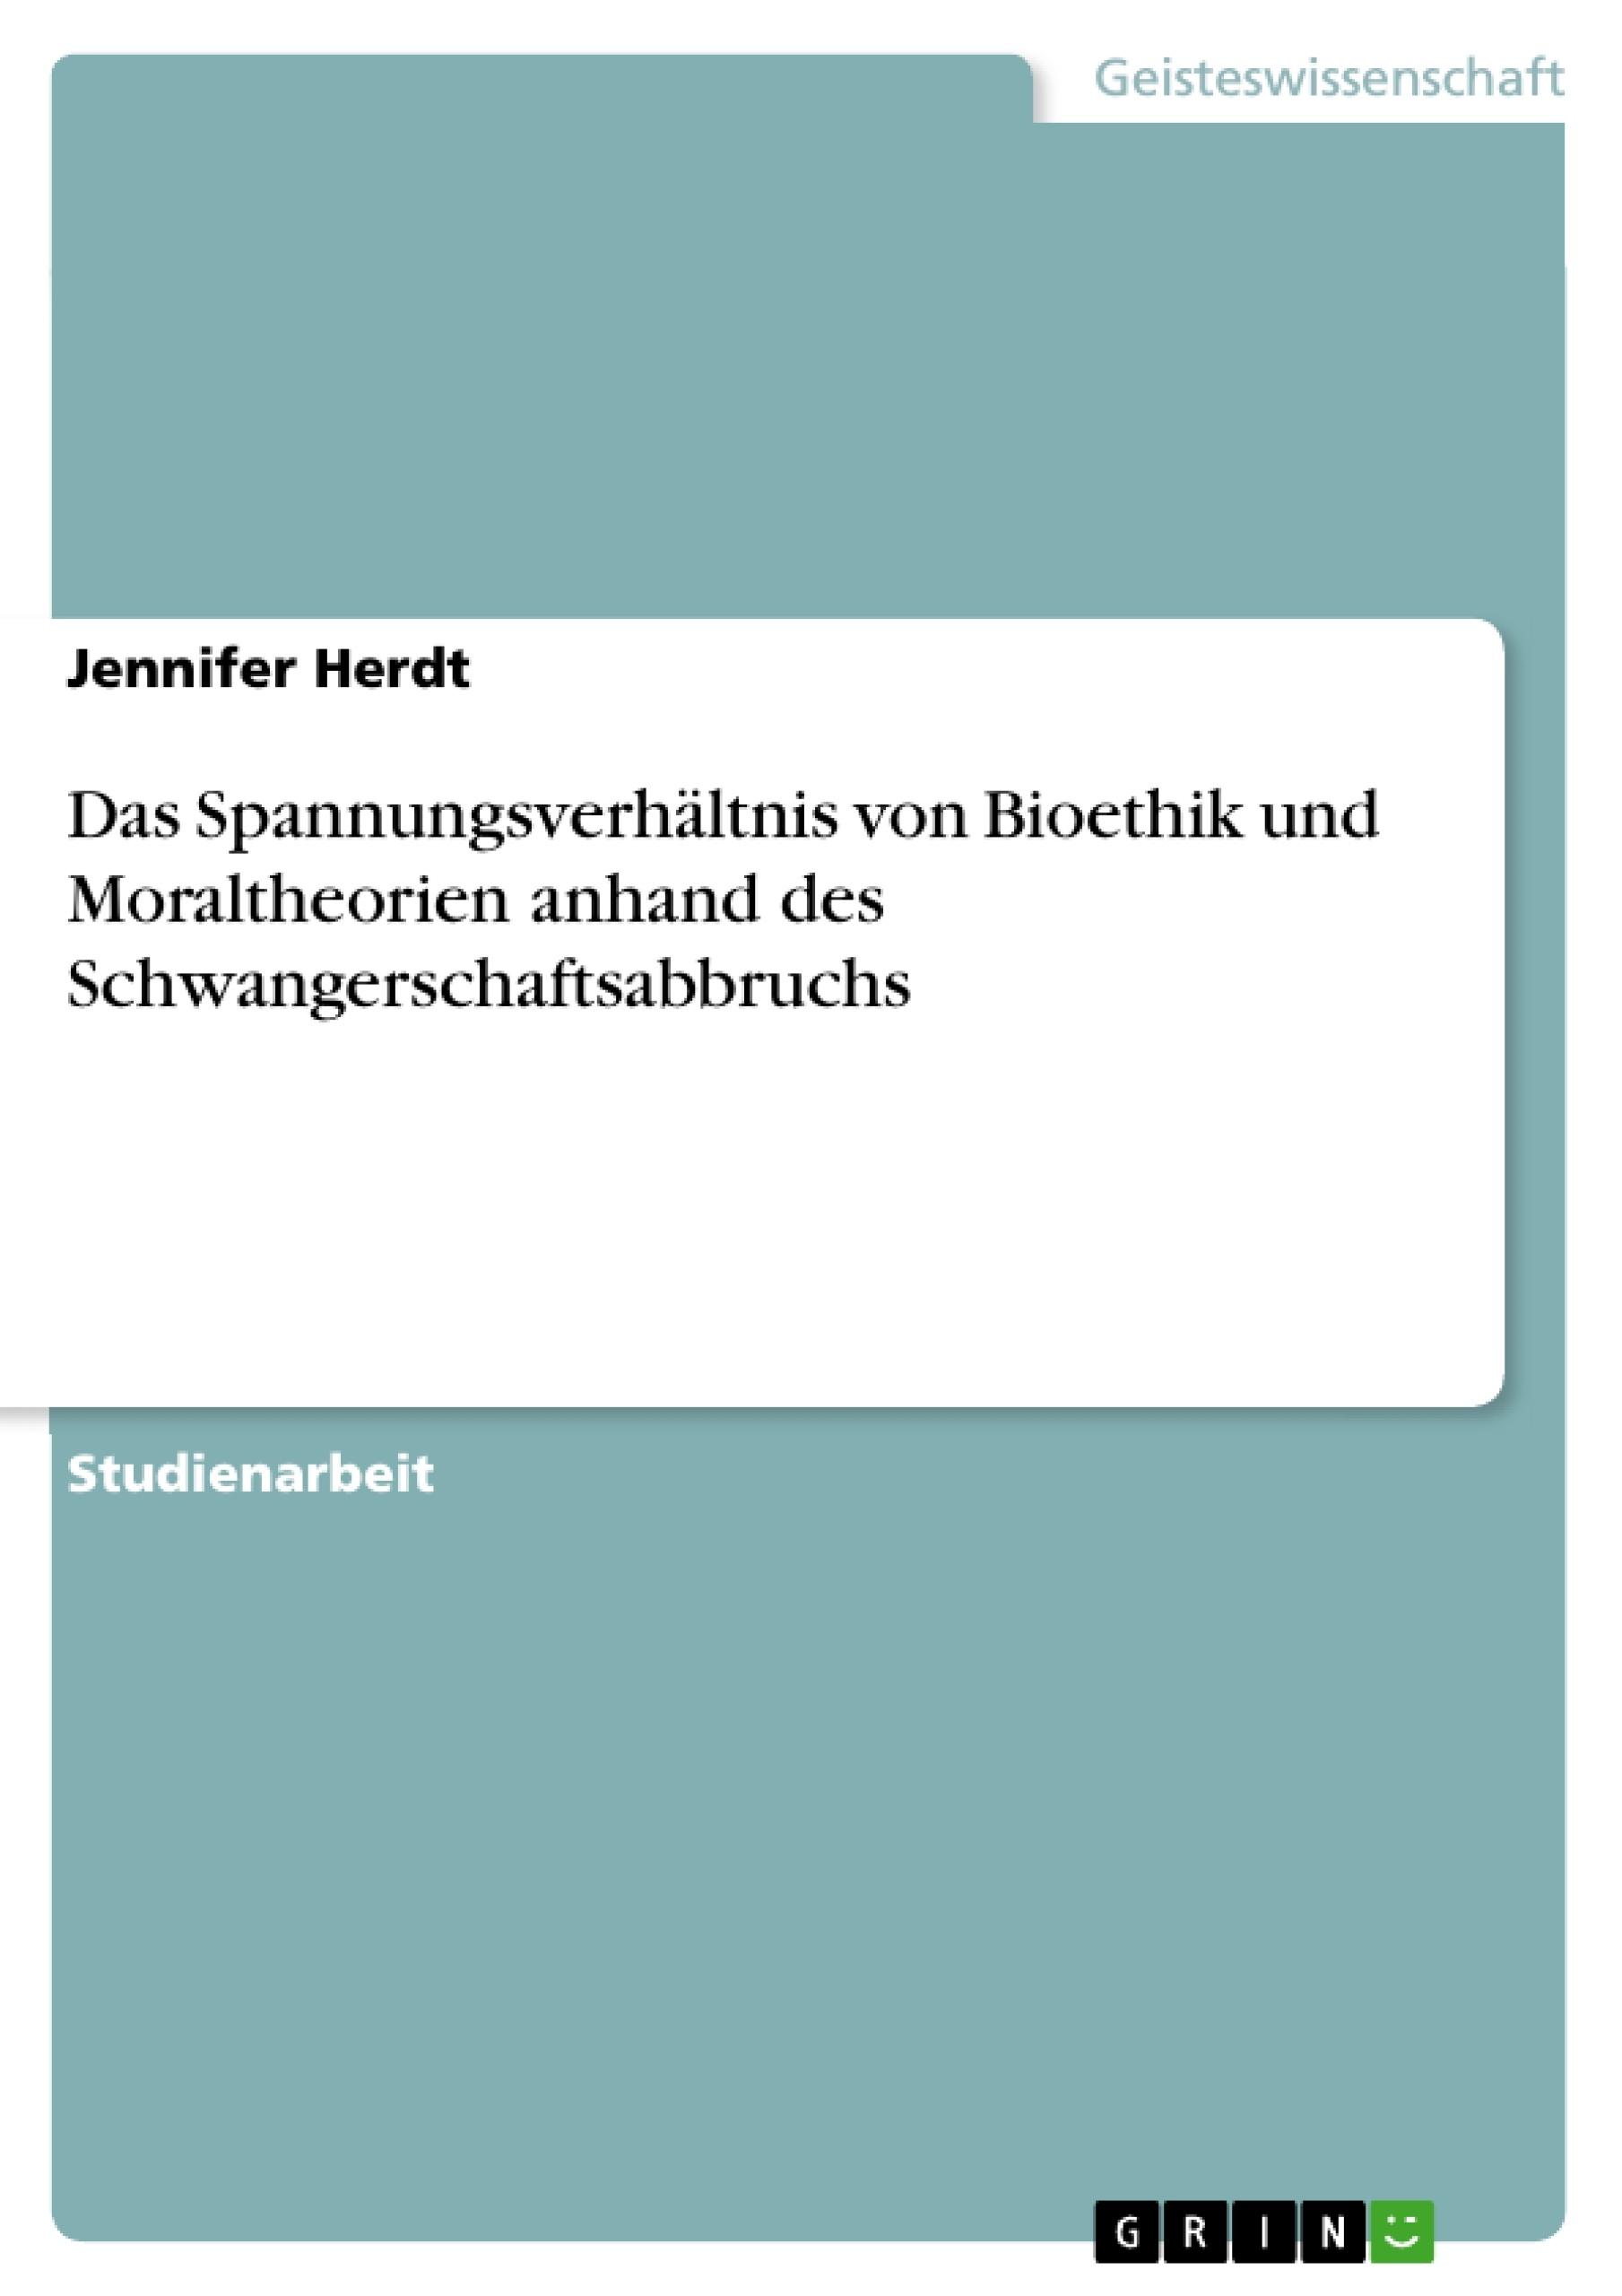 Titel: Das Spannungsverhältnis von Bioethik und Moraltheorien anhand des Schwangerschaftsabbruchs